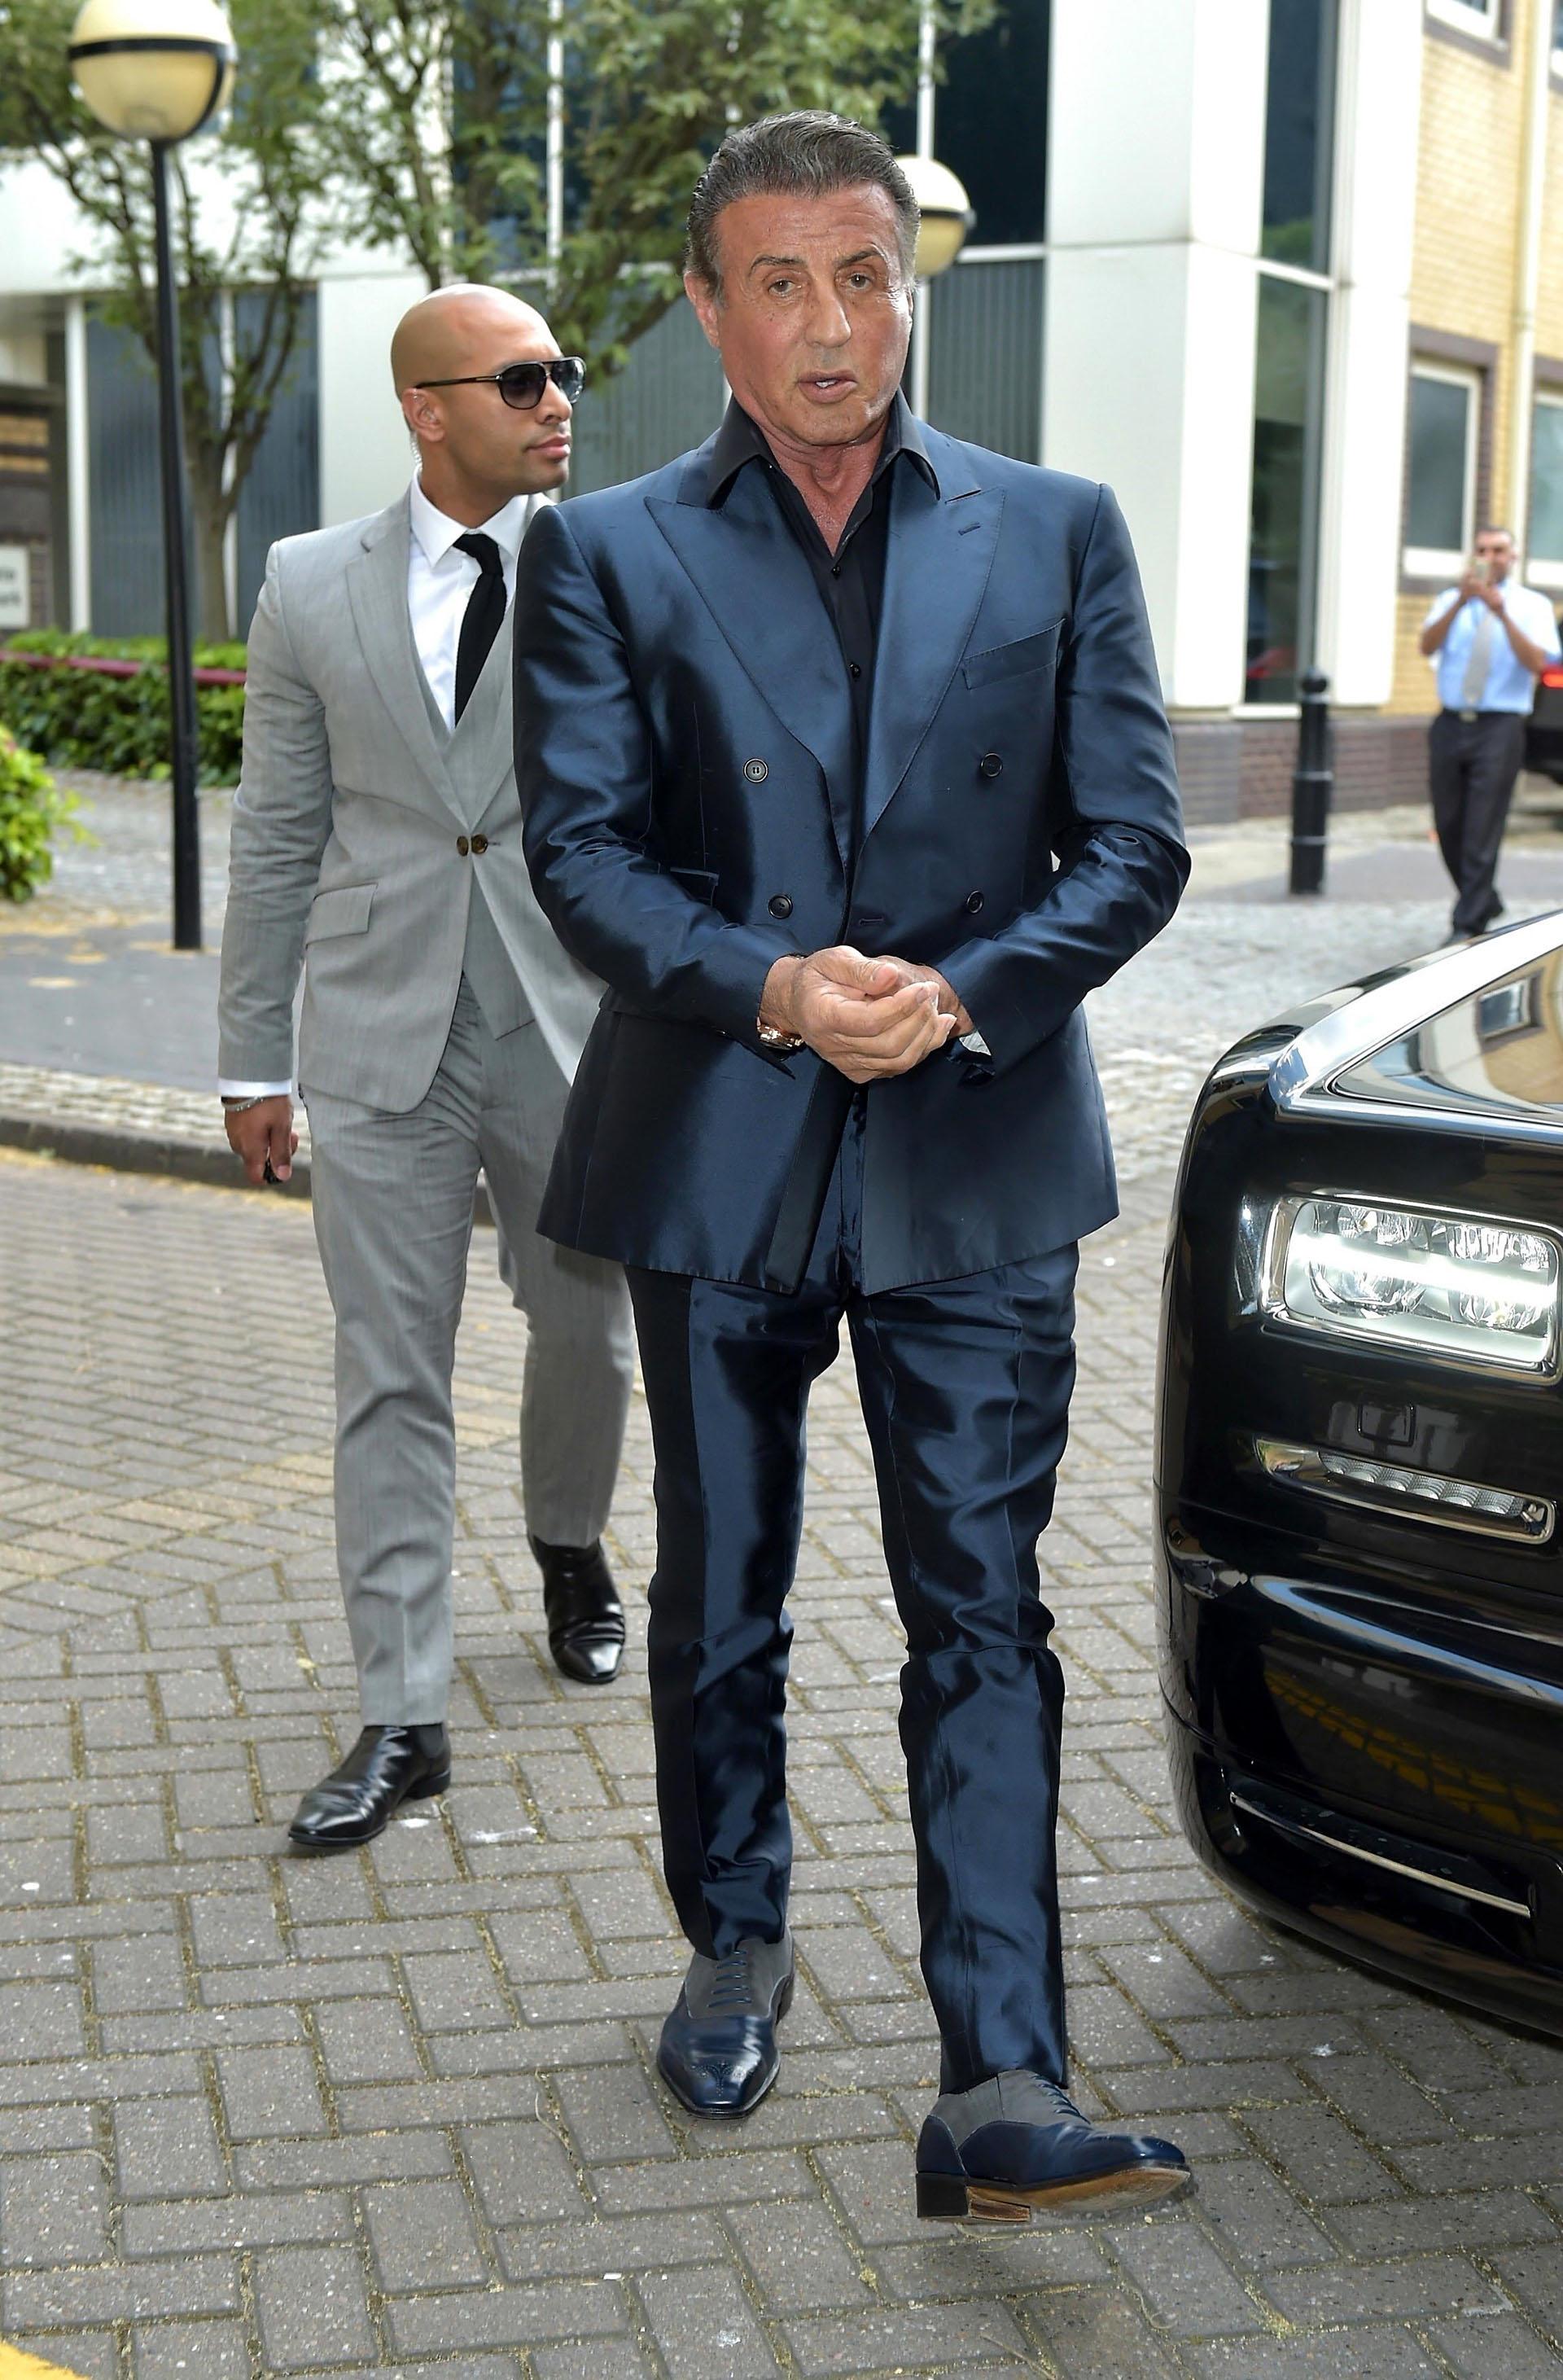 Sylvester Stallone, una de las glorias de la pantalla grande estadounidense, festejó sus 72 años con una gran celebración (Grosby Group)